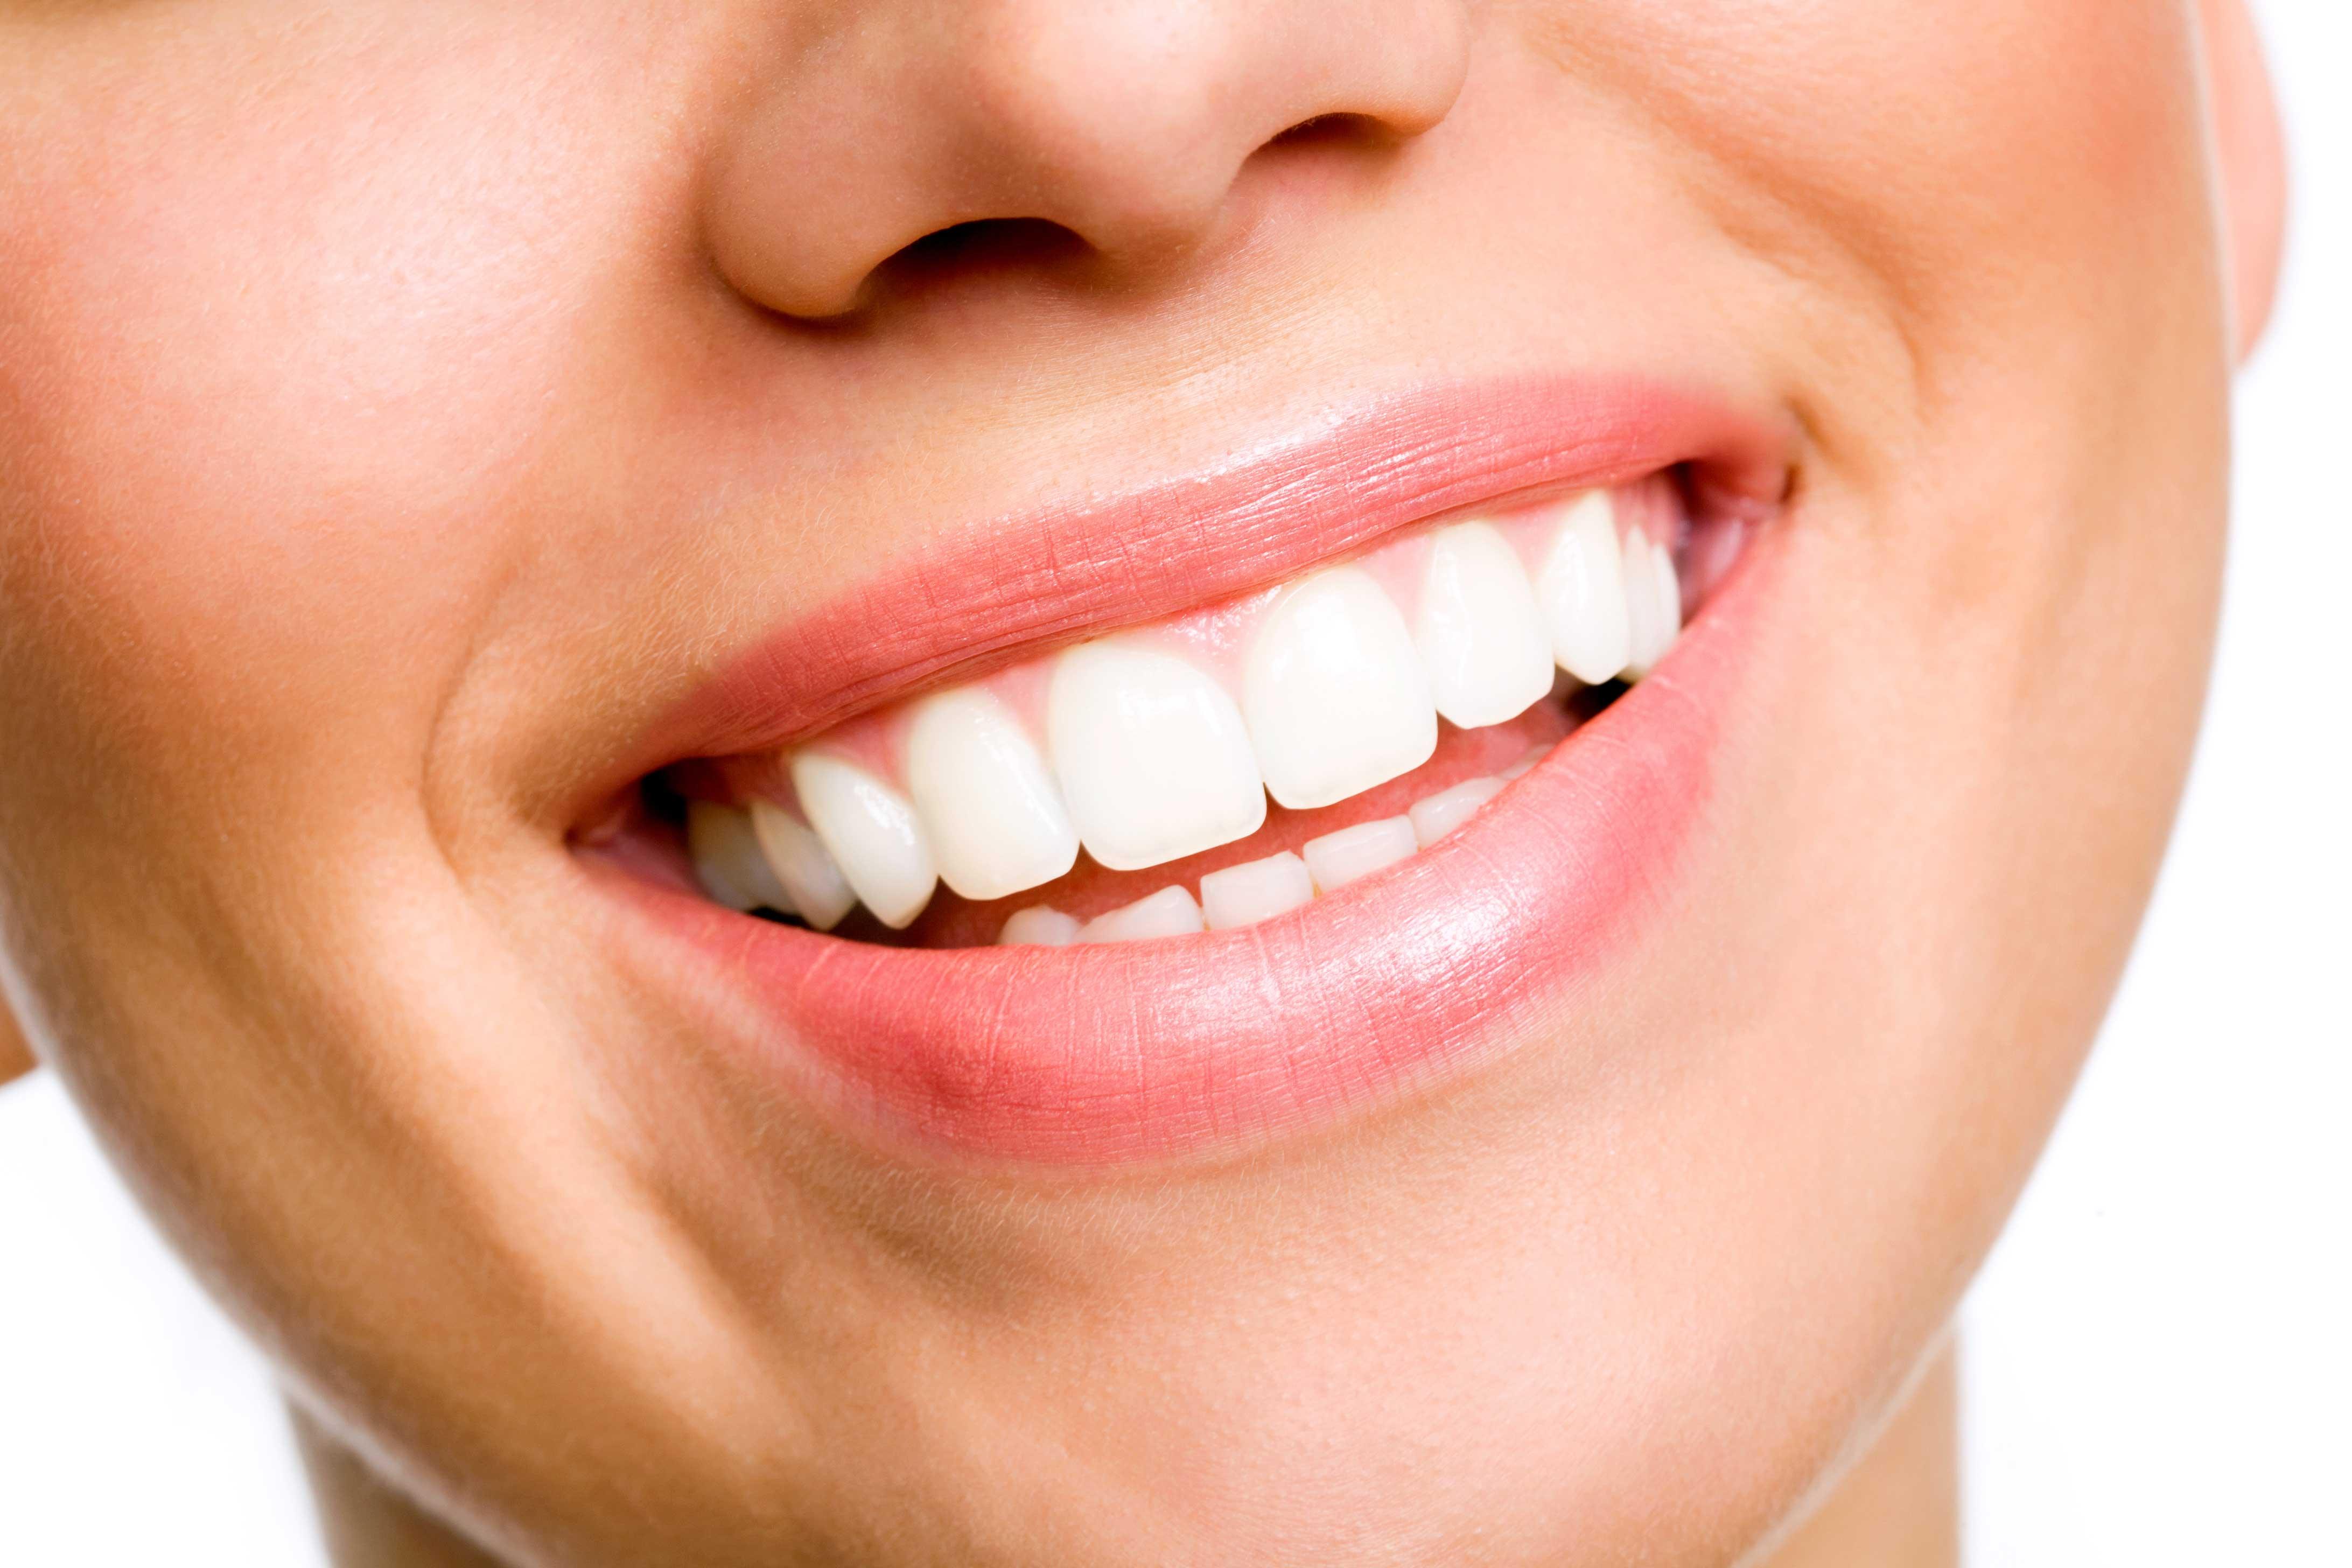 جرم گیری برای دندان مضر است؟